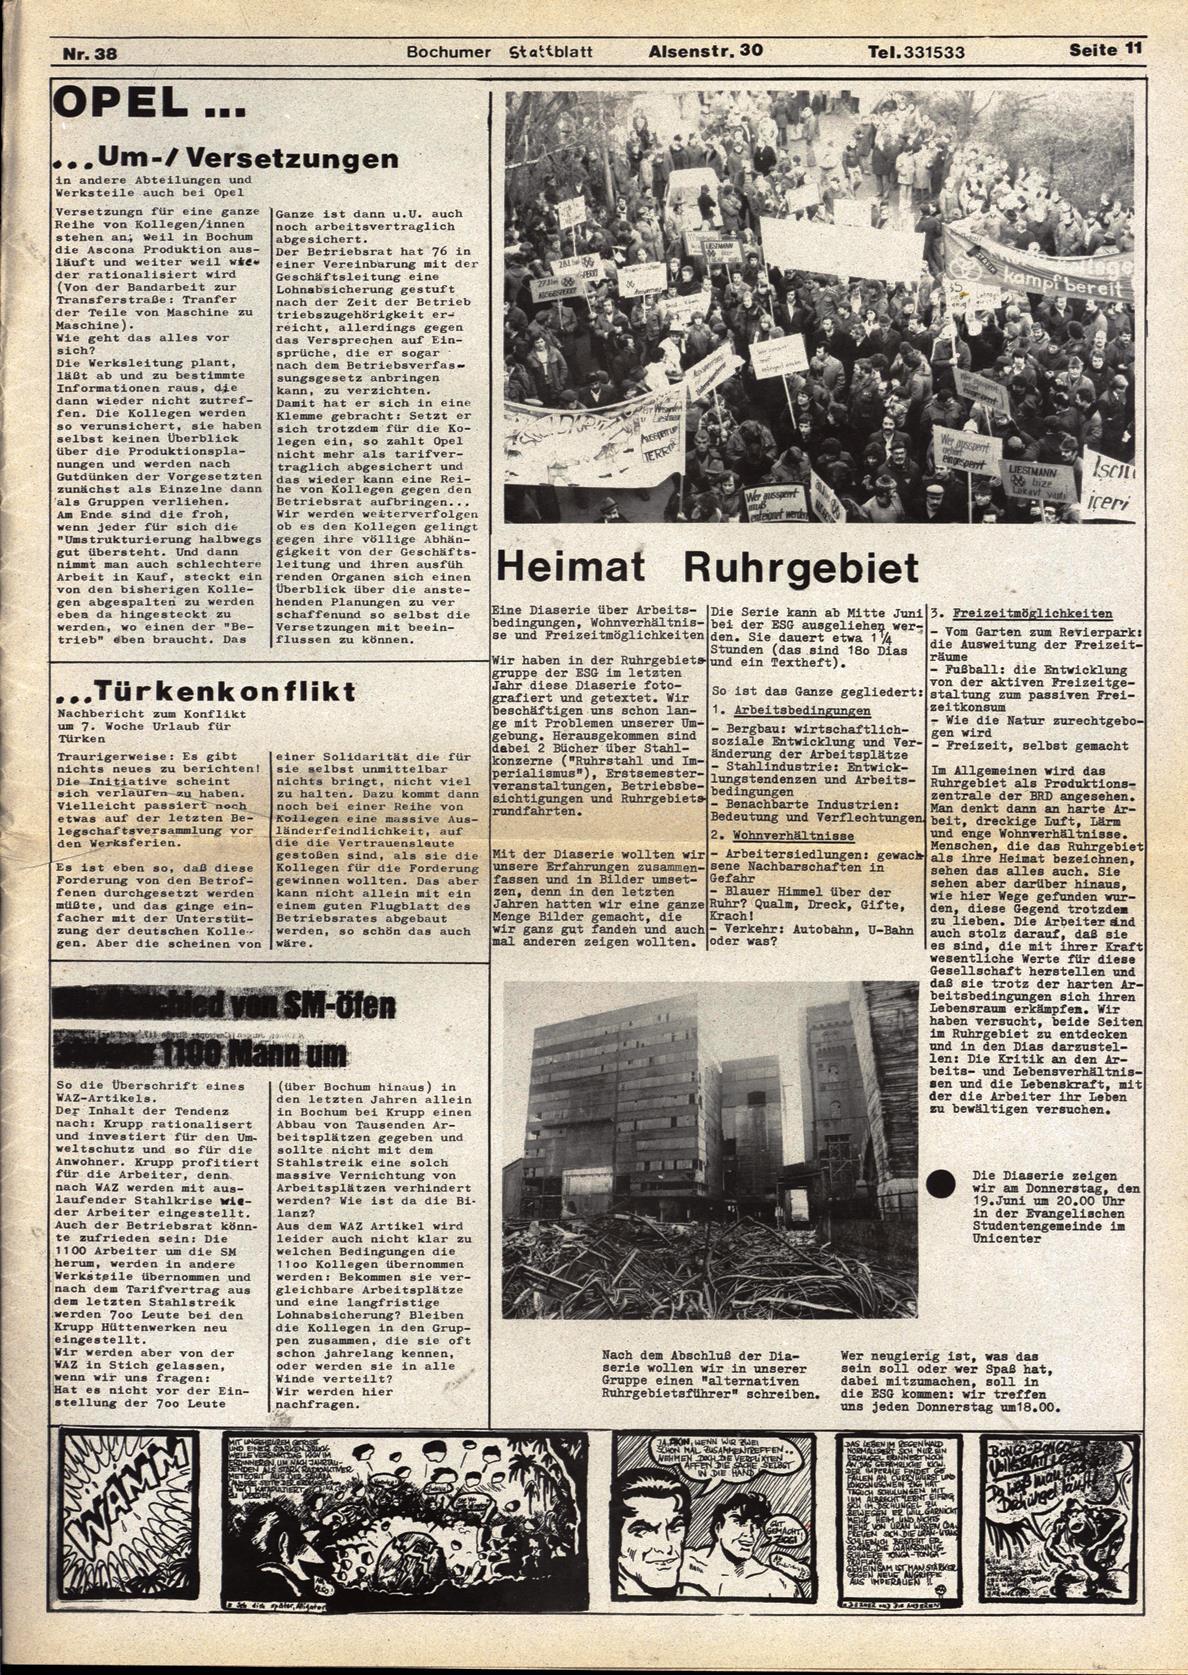 Bochum_Stattblatt_19800600_38_11